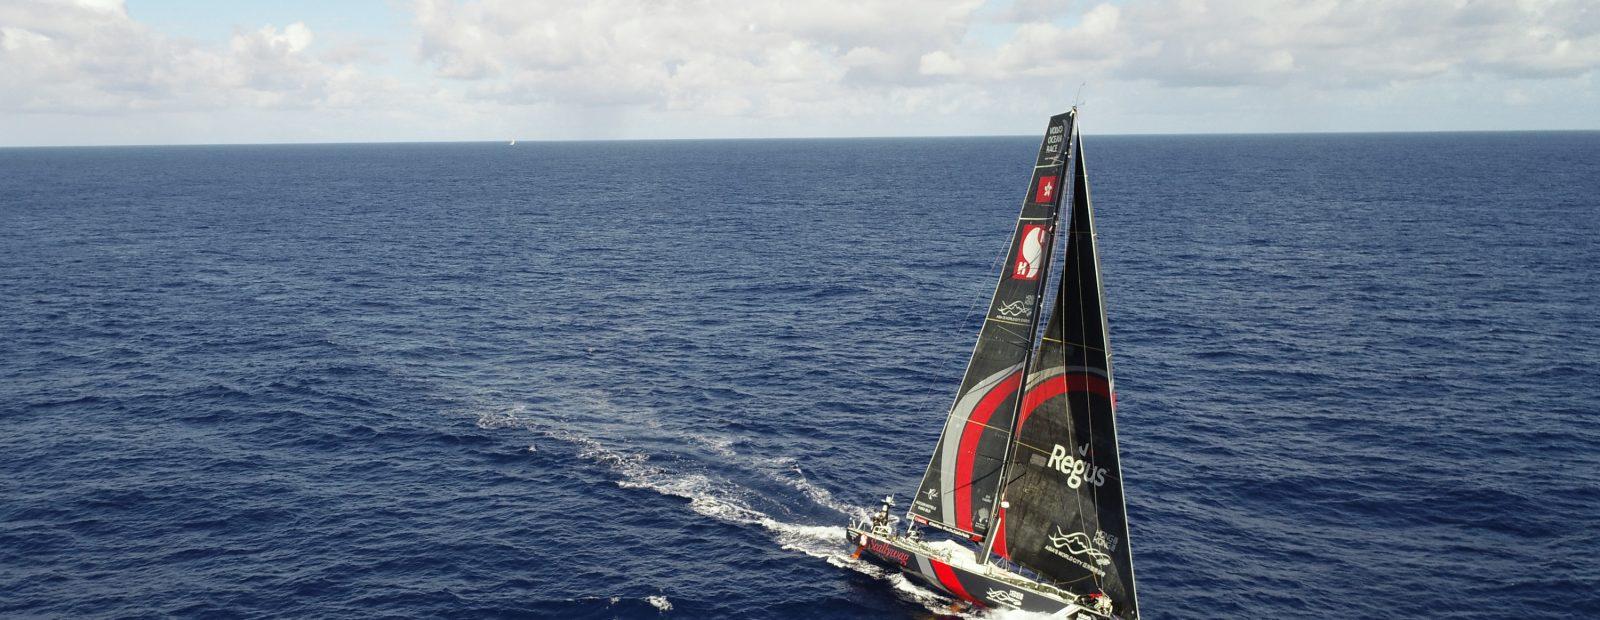 Nesta quinta-feira (26), os barcos devem entrar nos chamados ventos alísios, já na costa nordestina Foto: Divulgação